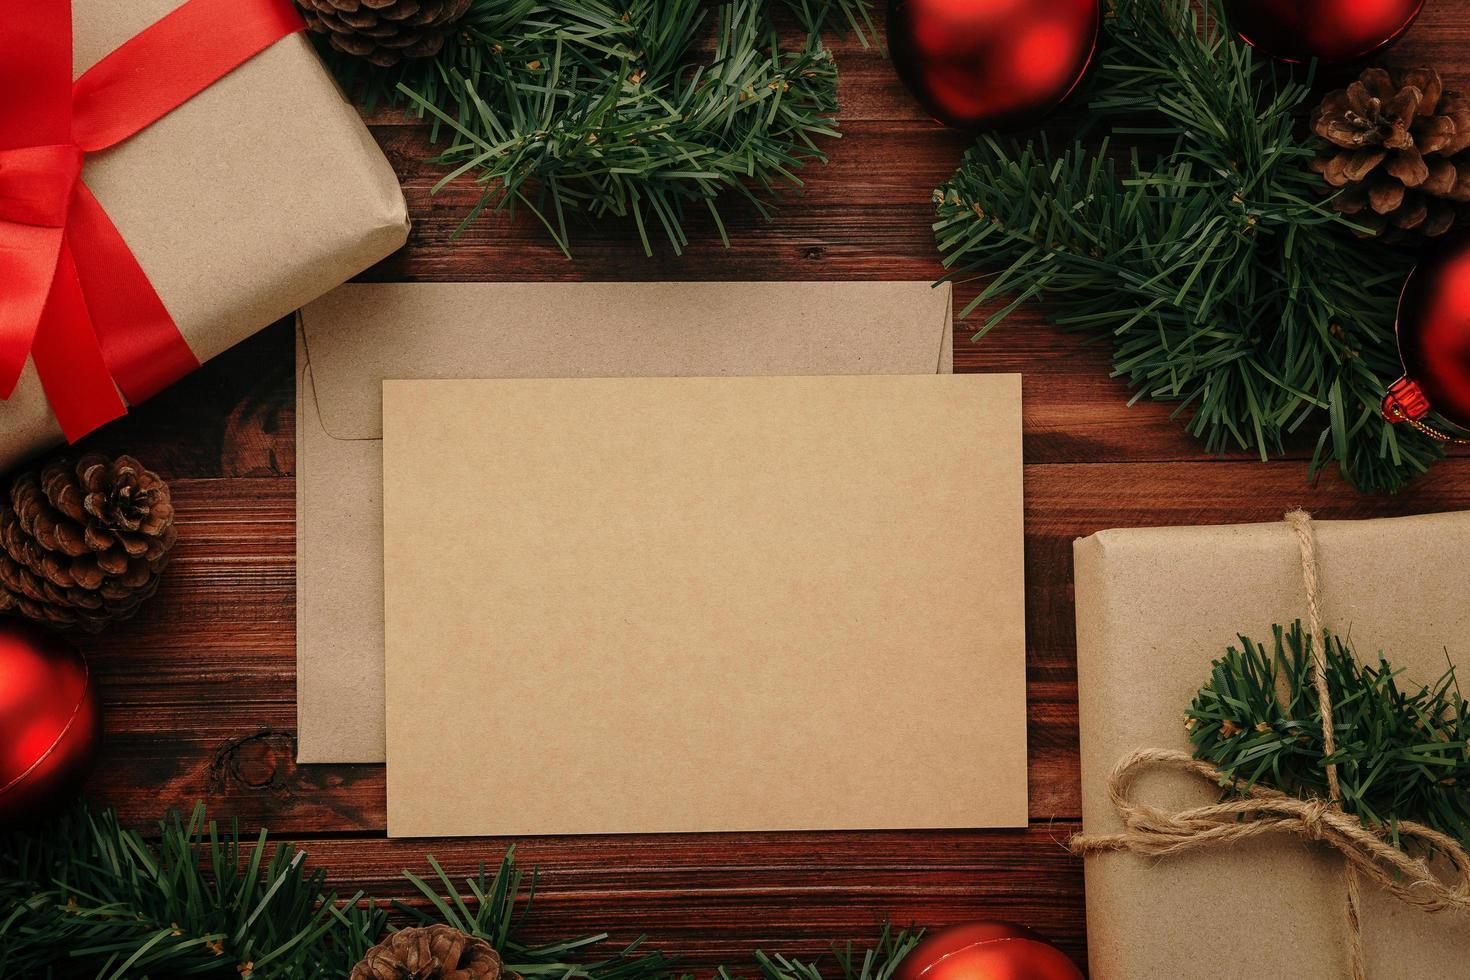 Frohe Weihnachten Grußkarte Modell Vorlage mit Weihnachtsgeschenk Dekorationen foto